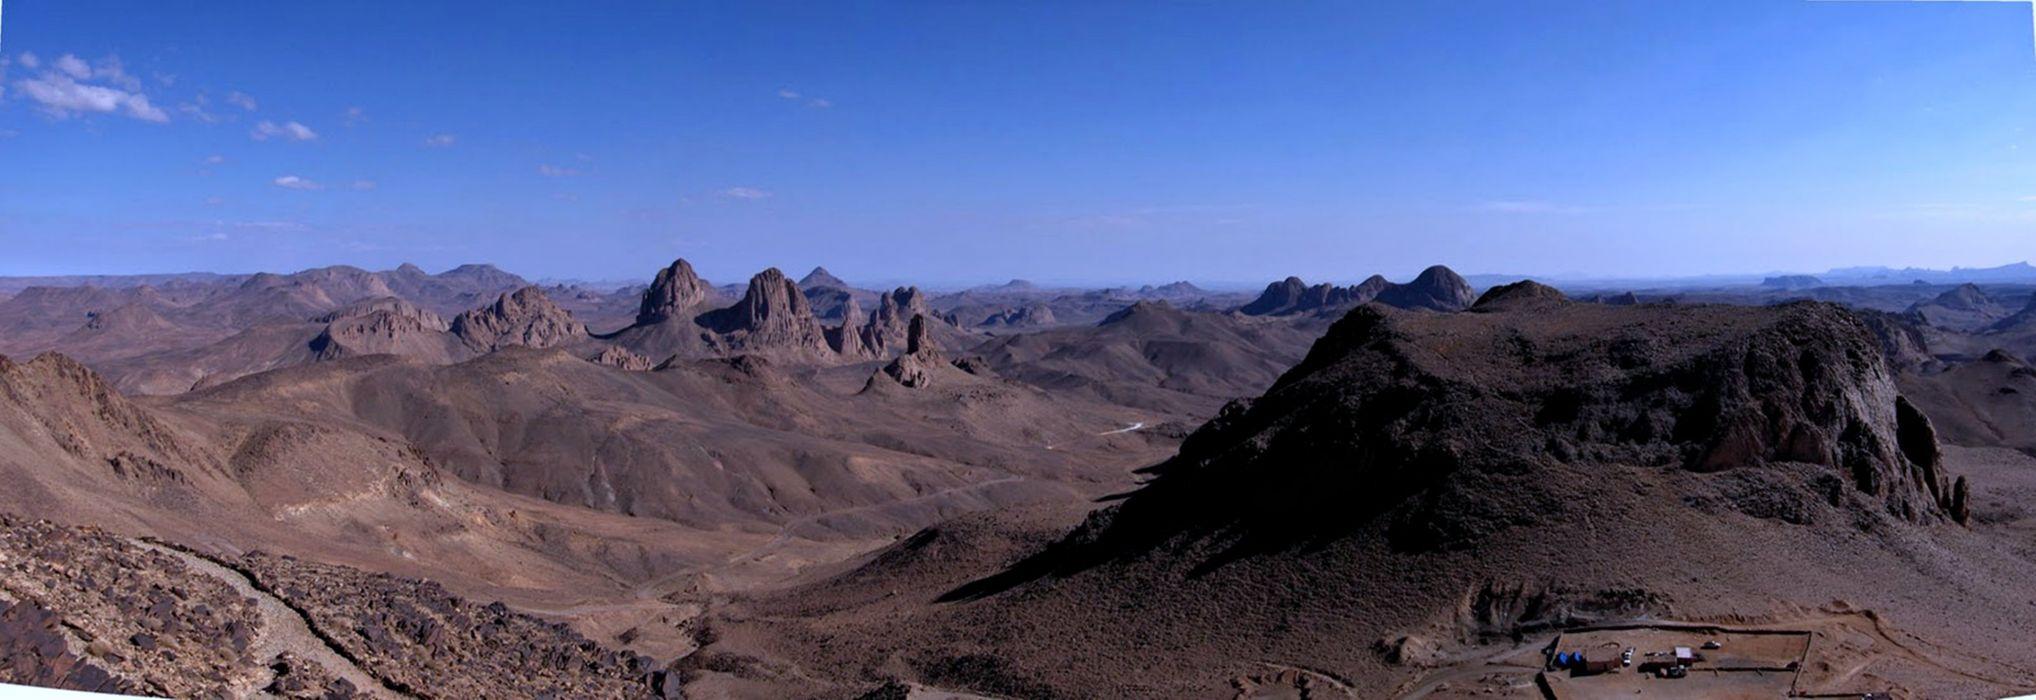 Algeria hoggar mountains assekrem wallpaper